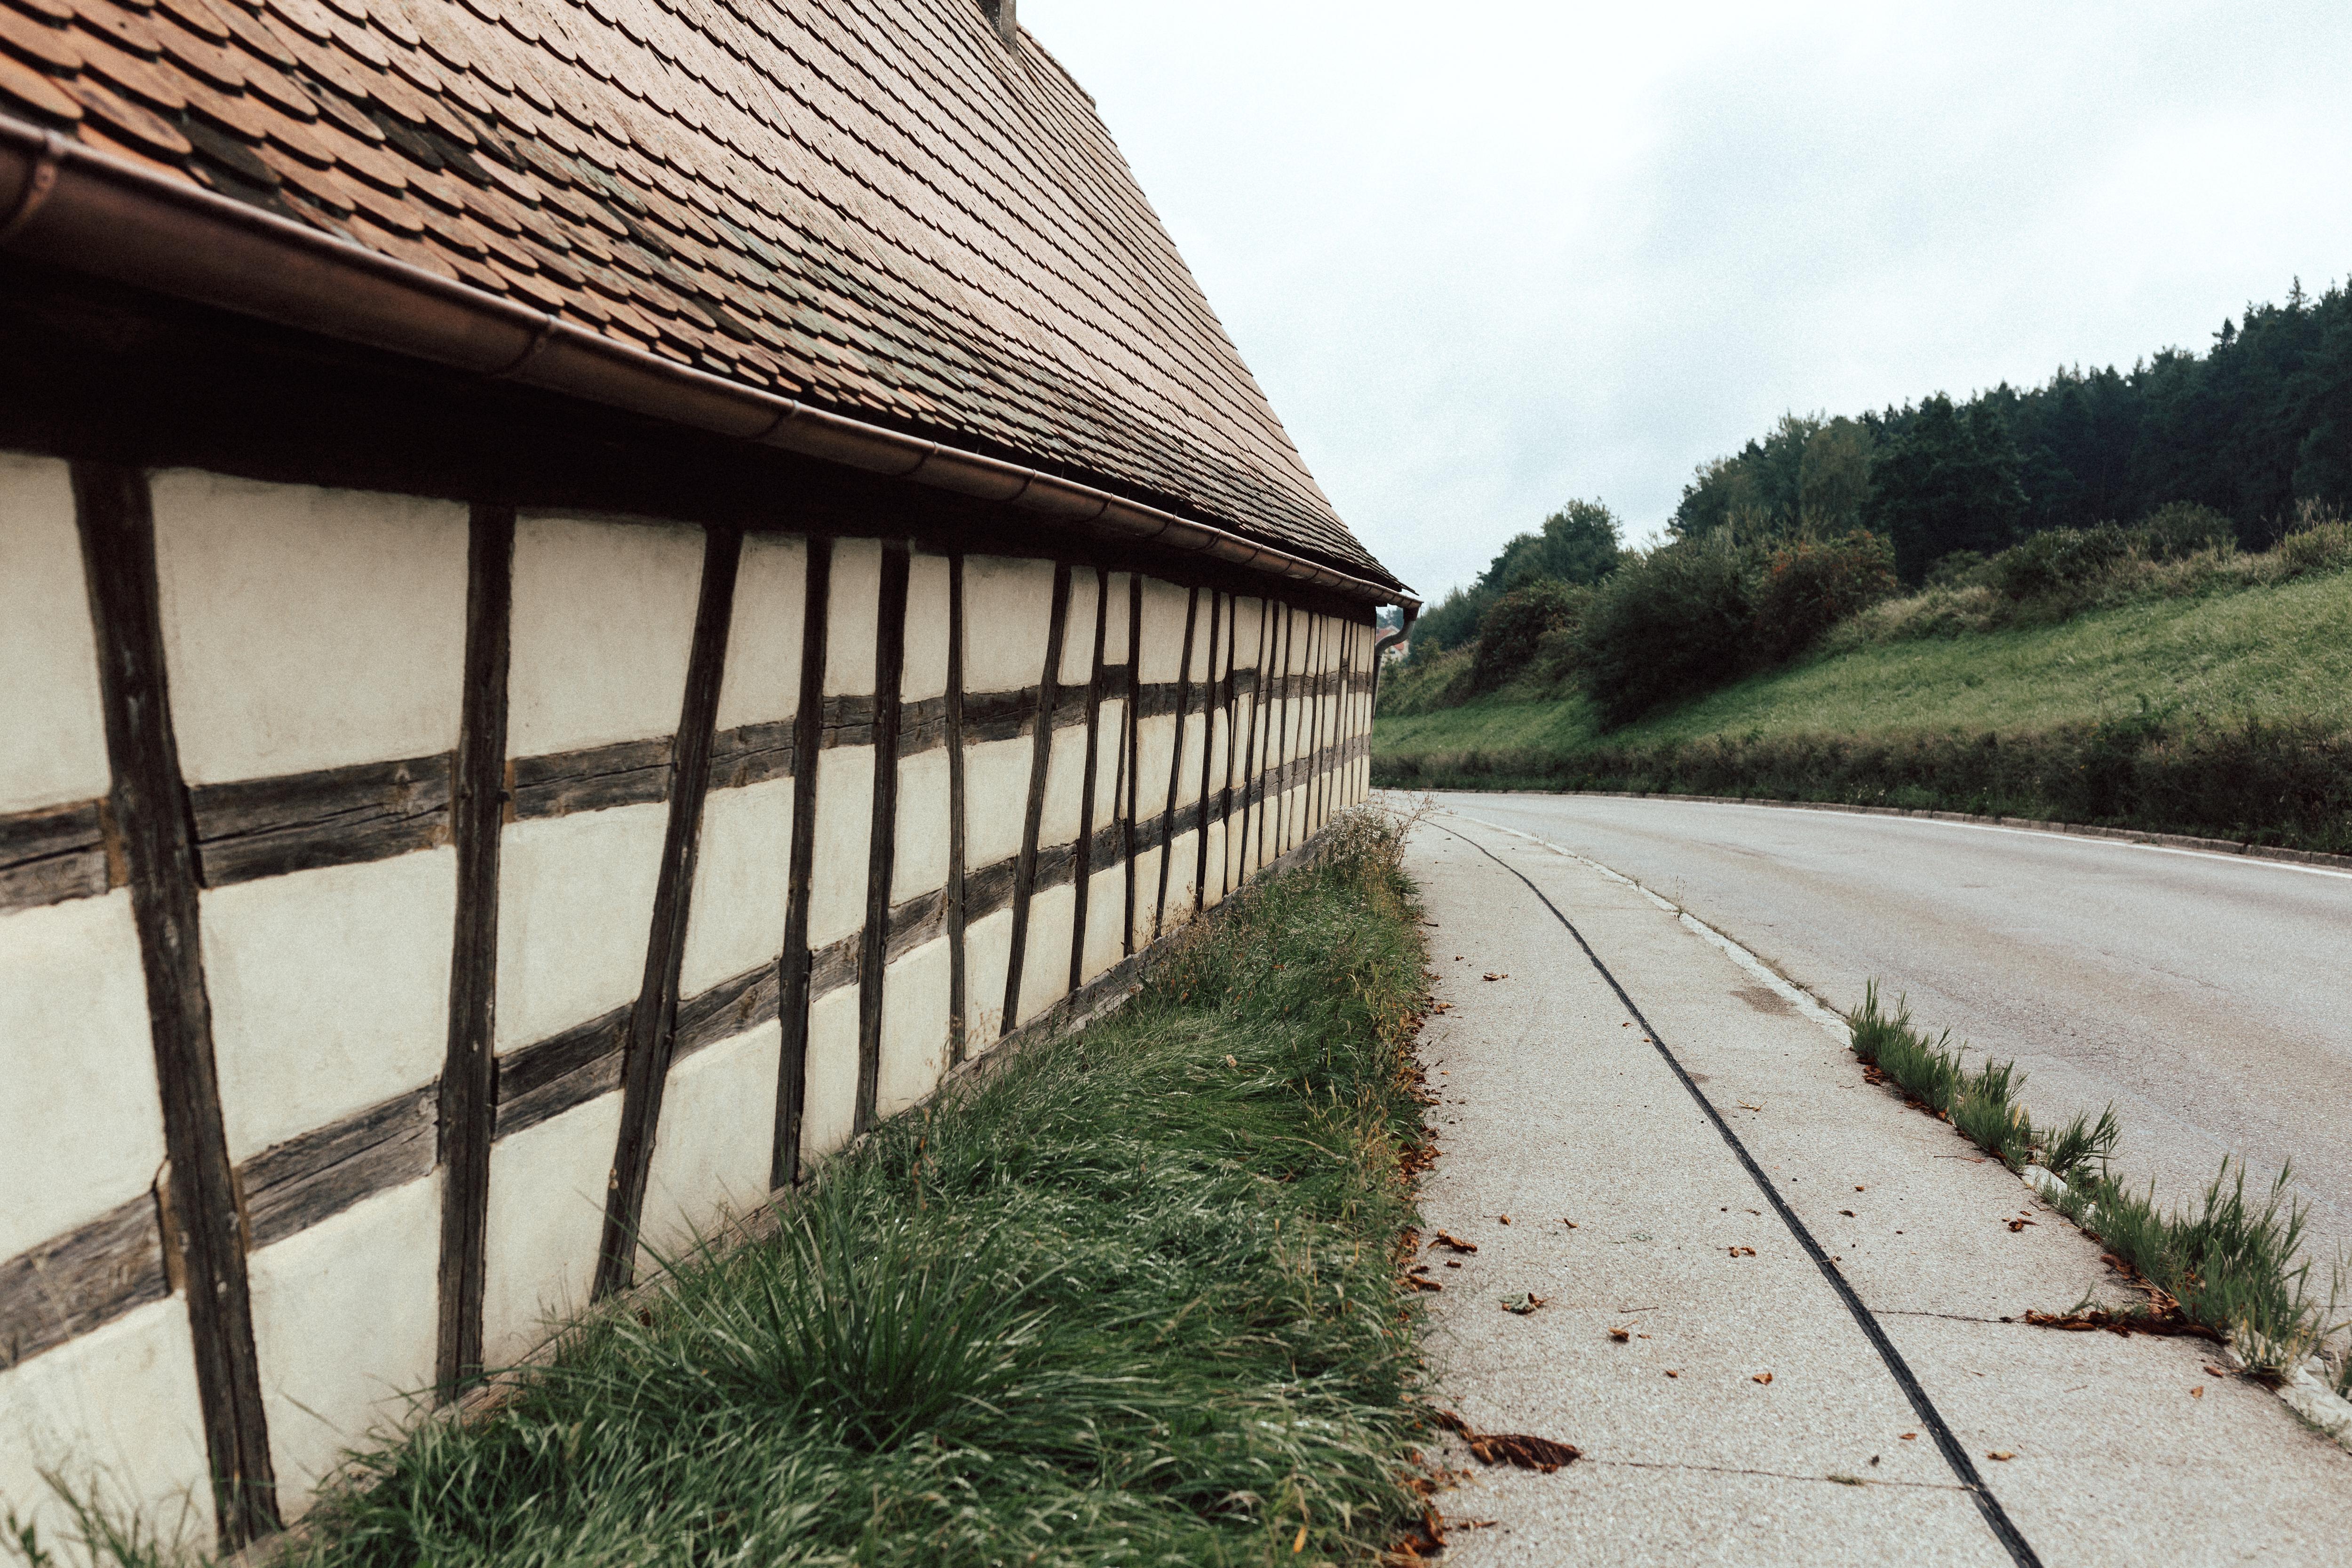 URBANERIE_Daniela_Goth_Fotografin_Nürnberg_Fürth_Erlangen_Schwabach_170902_004_0014